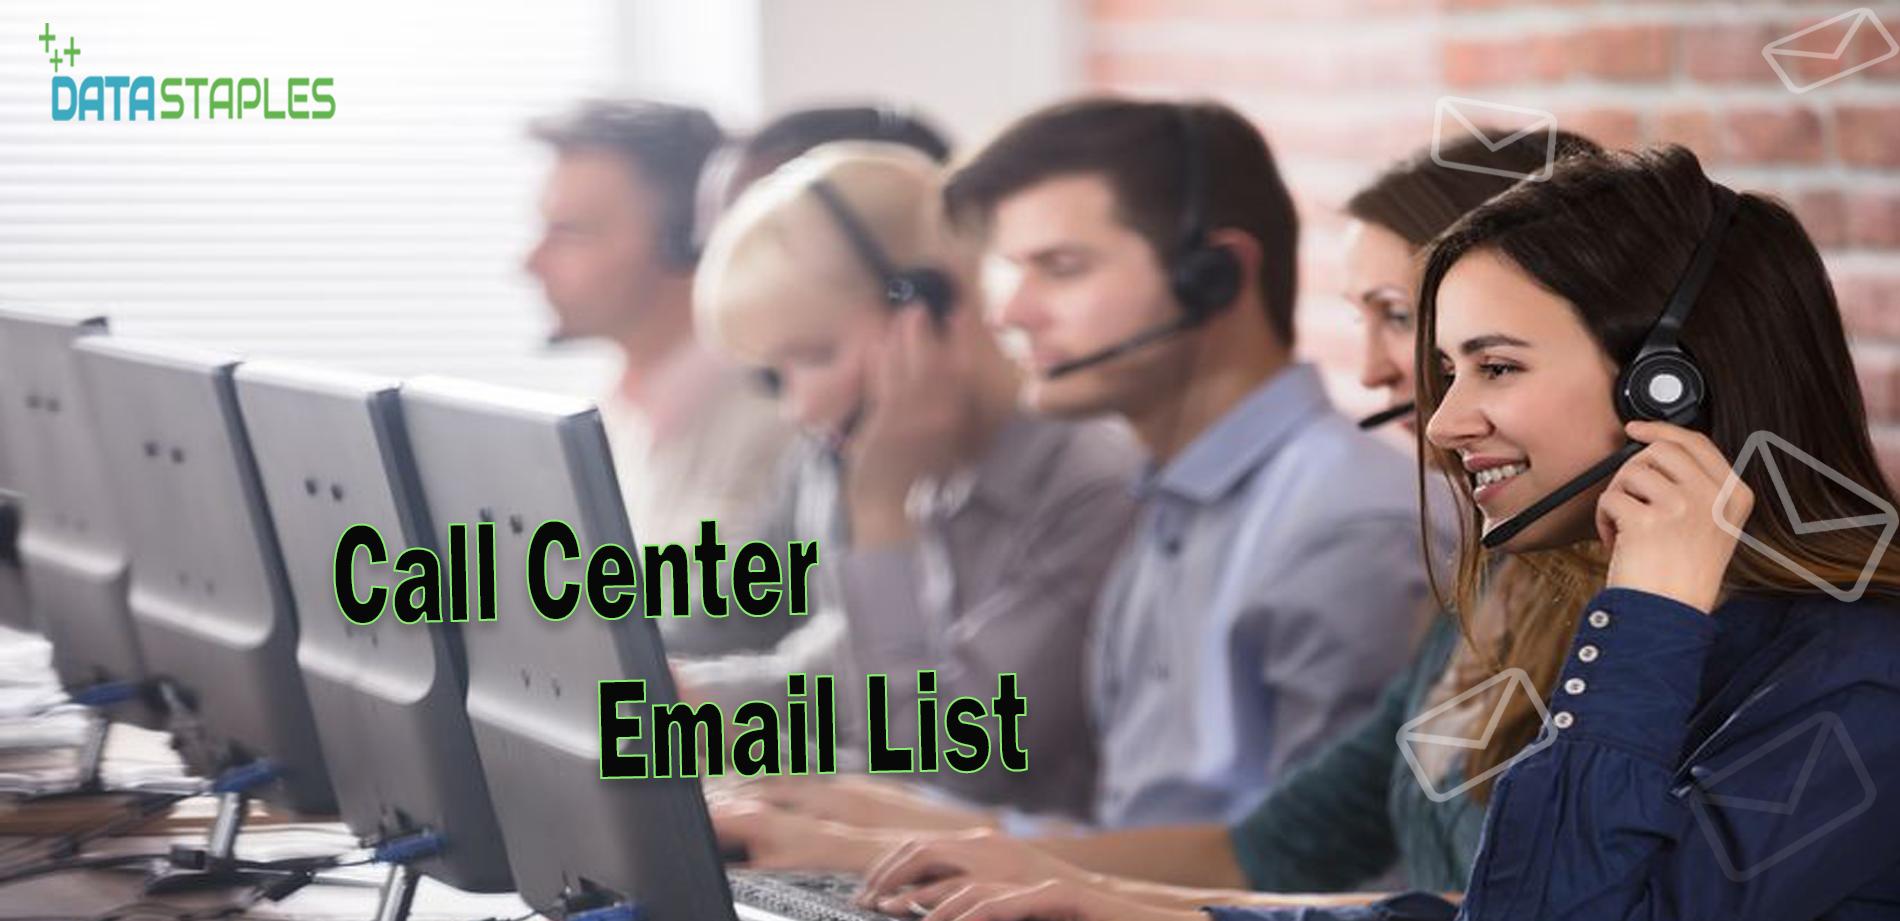 Call Center Email List | DataStaples